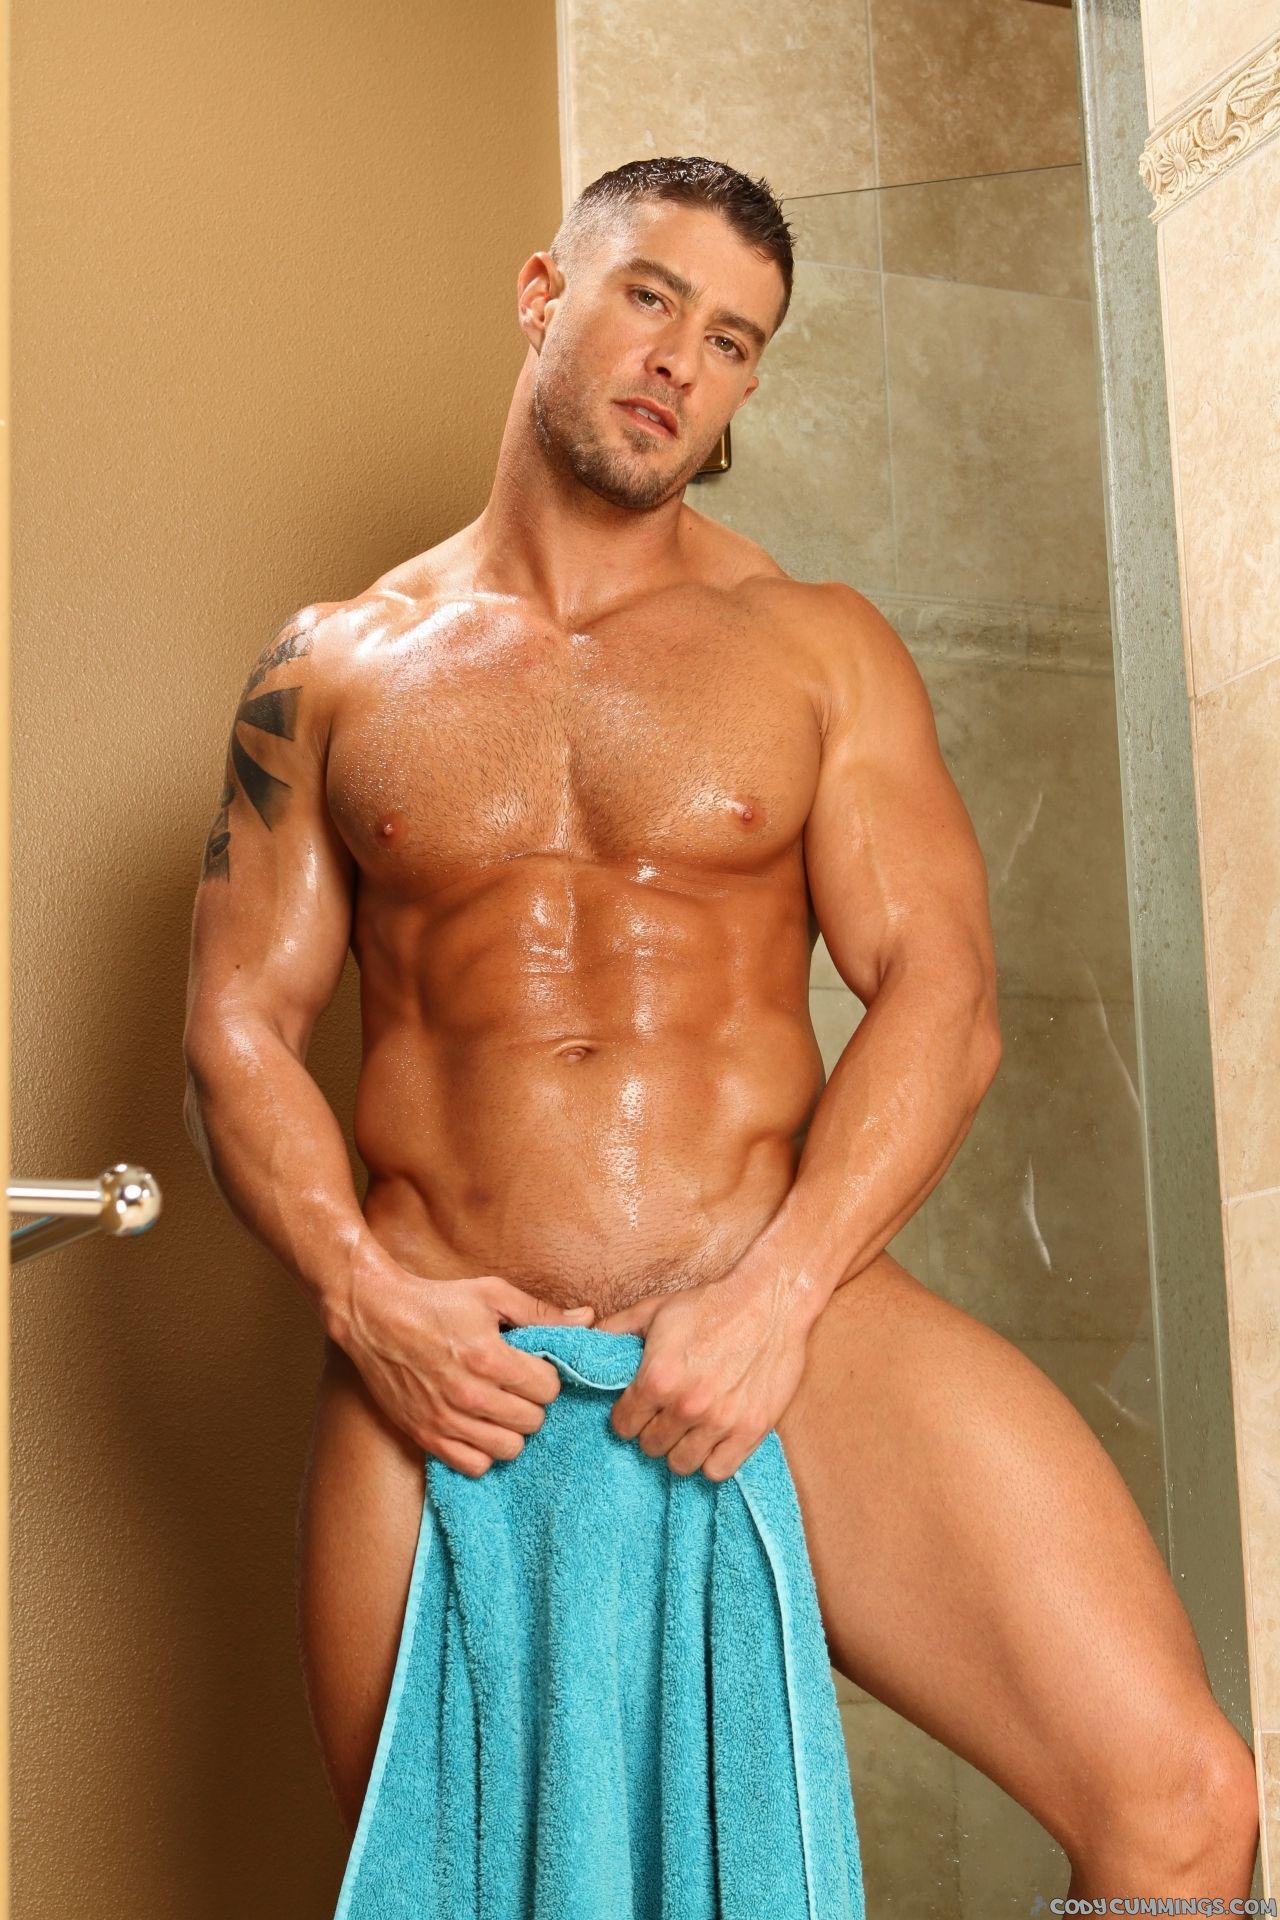 Cody cummings shower